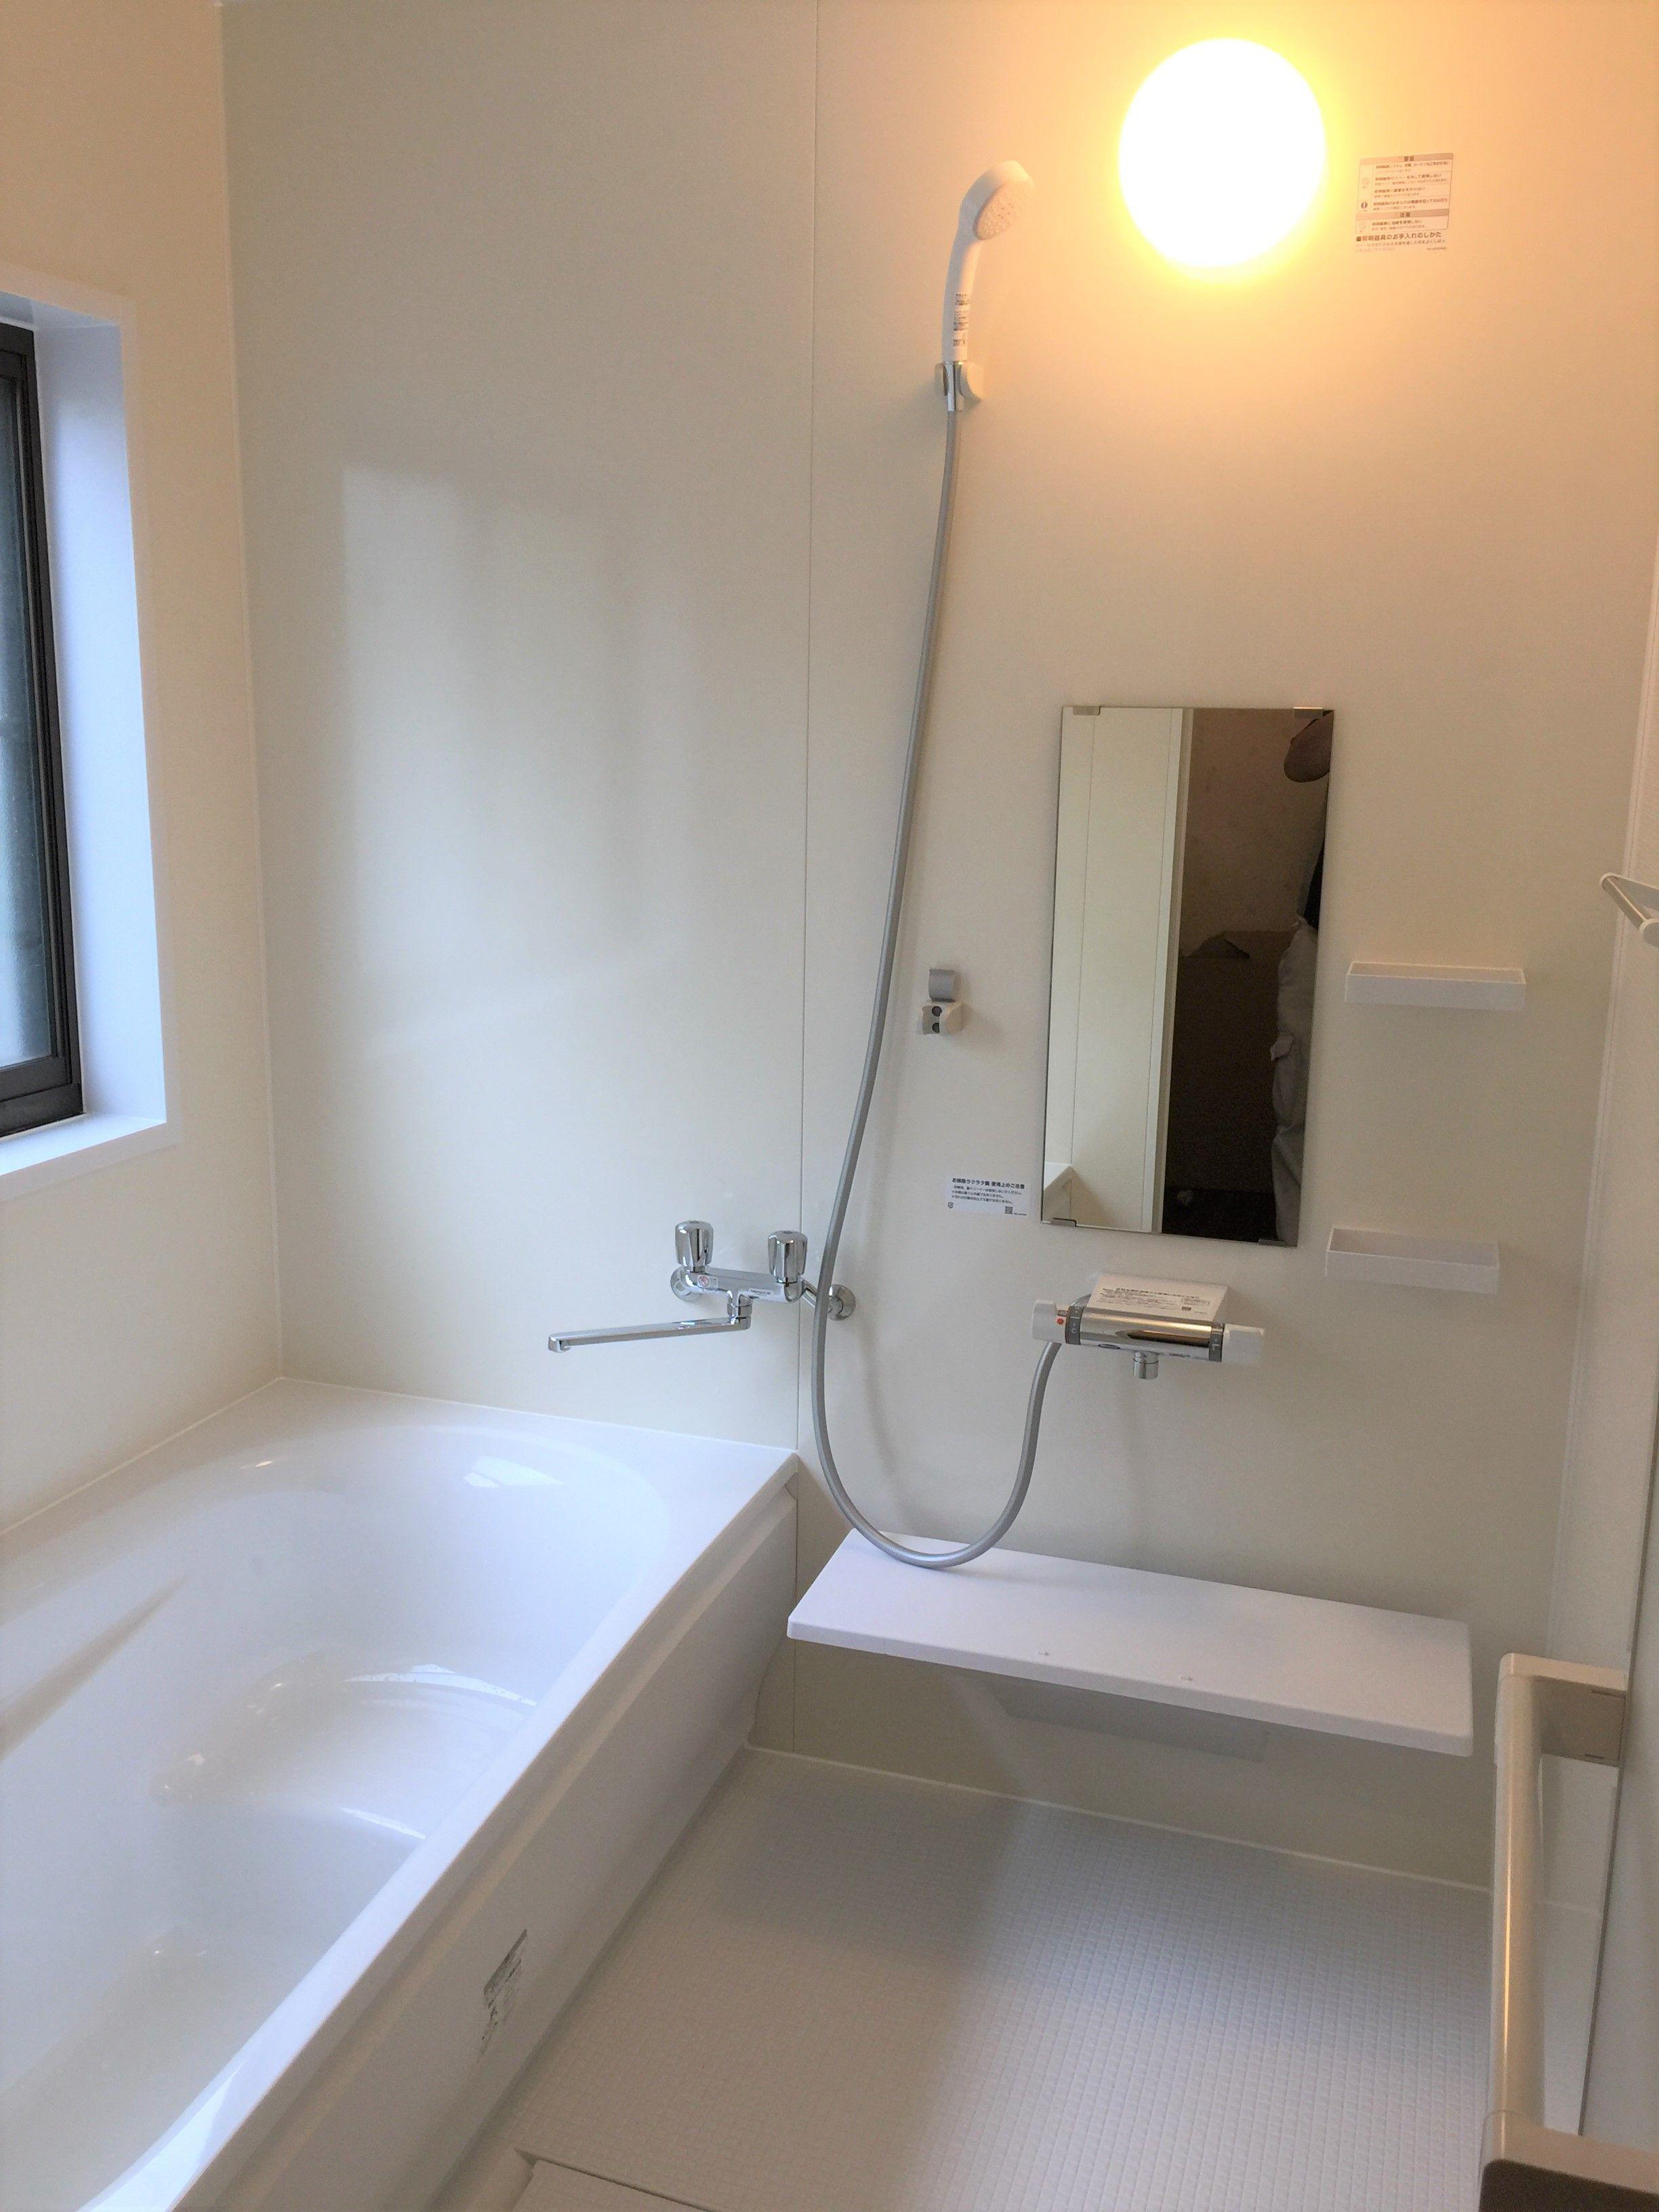 Toto サザナhsシリーズ Nタイプの浴室リフォームです プリエベージュとホワイトで明るく暖かい雰囲気の浴室になりました 浴室周りは新しく断熱材も施工済みですので冬でも